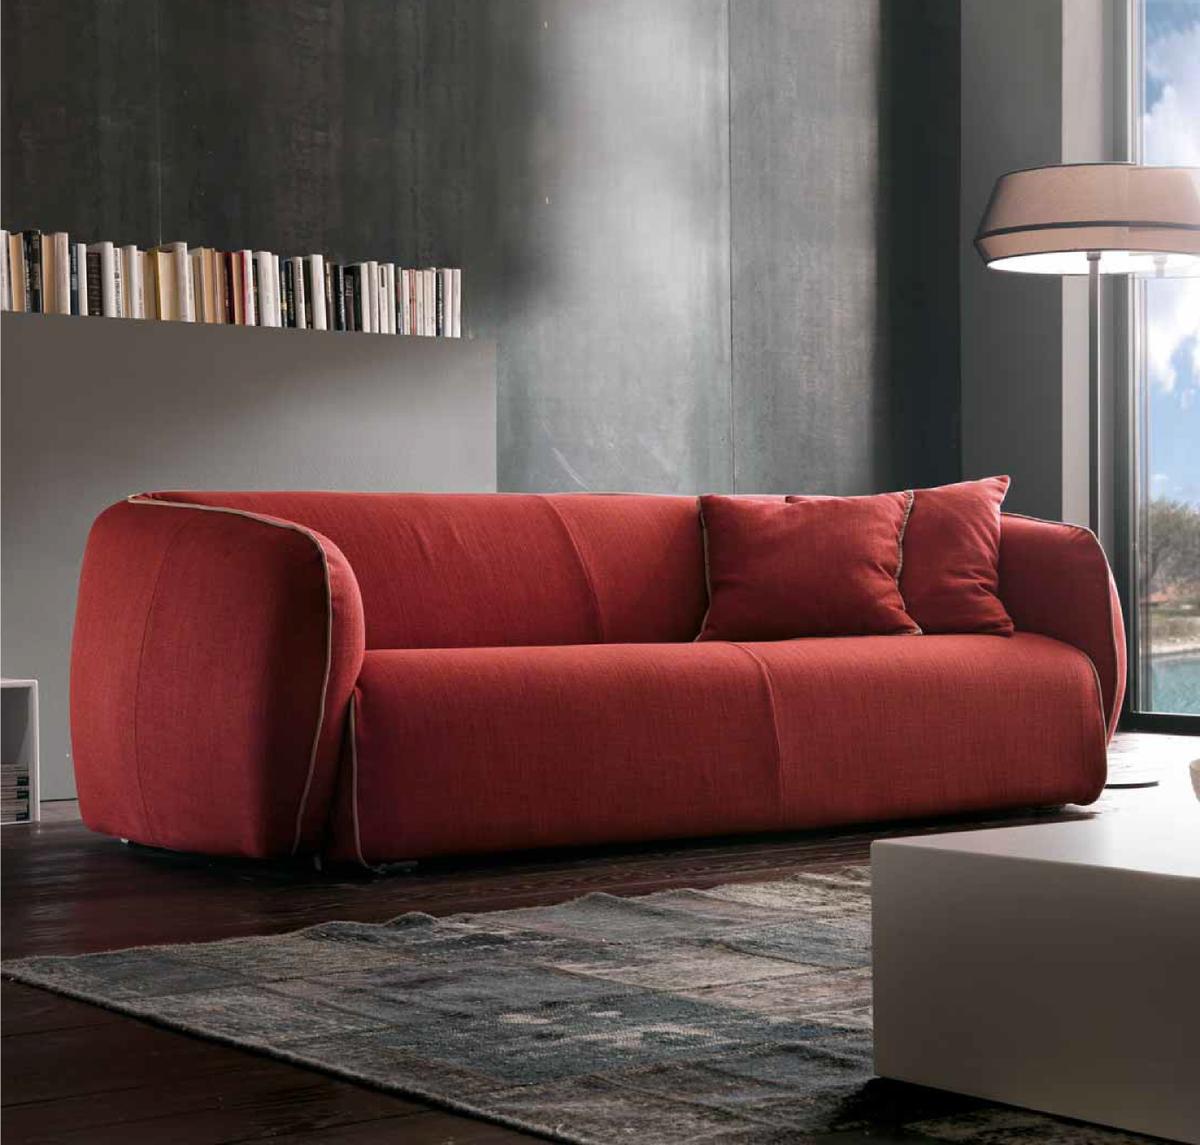 Chateaudaxitalia on twitter il nostro divano si chiama for Divani chatodax prezzi